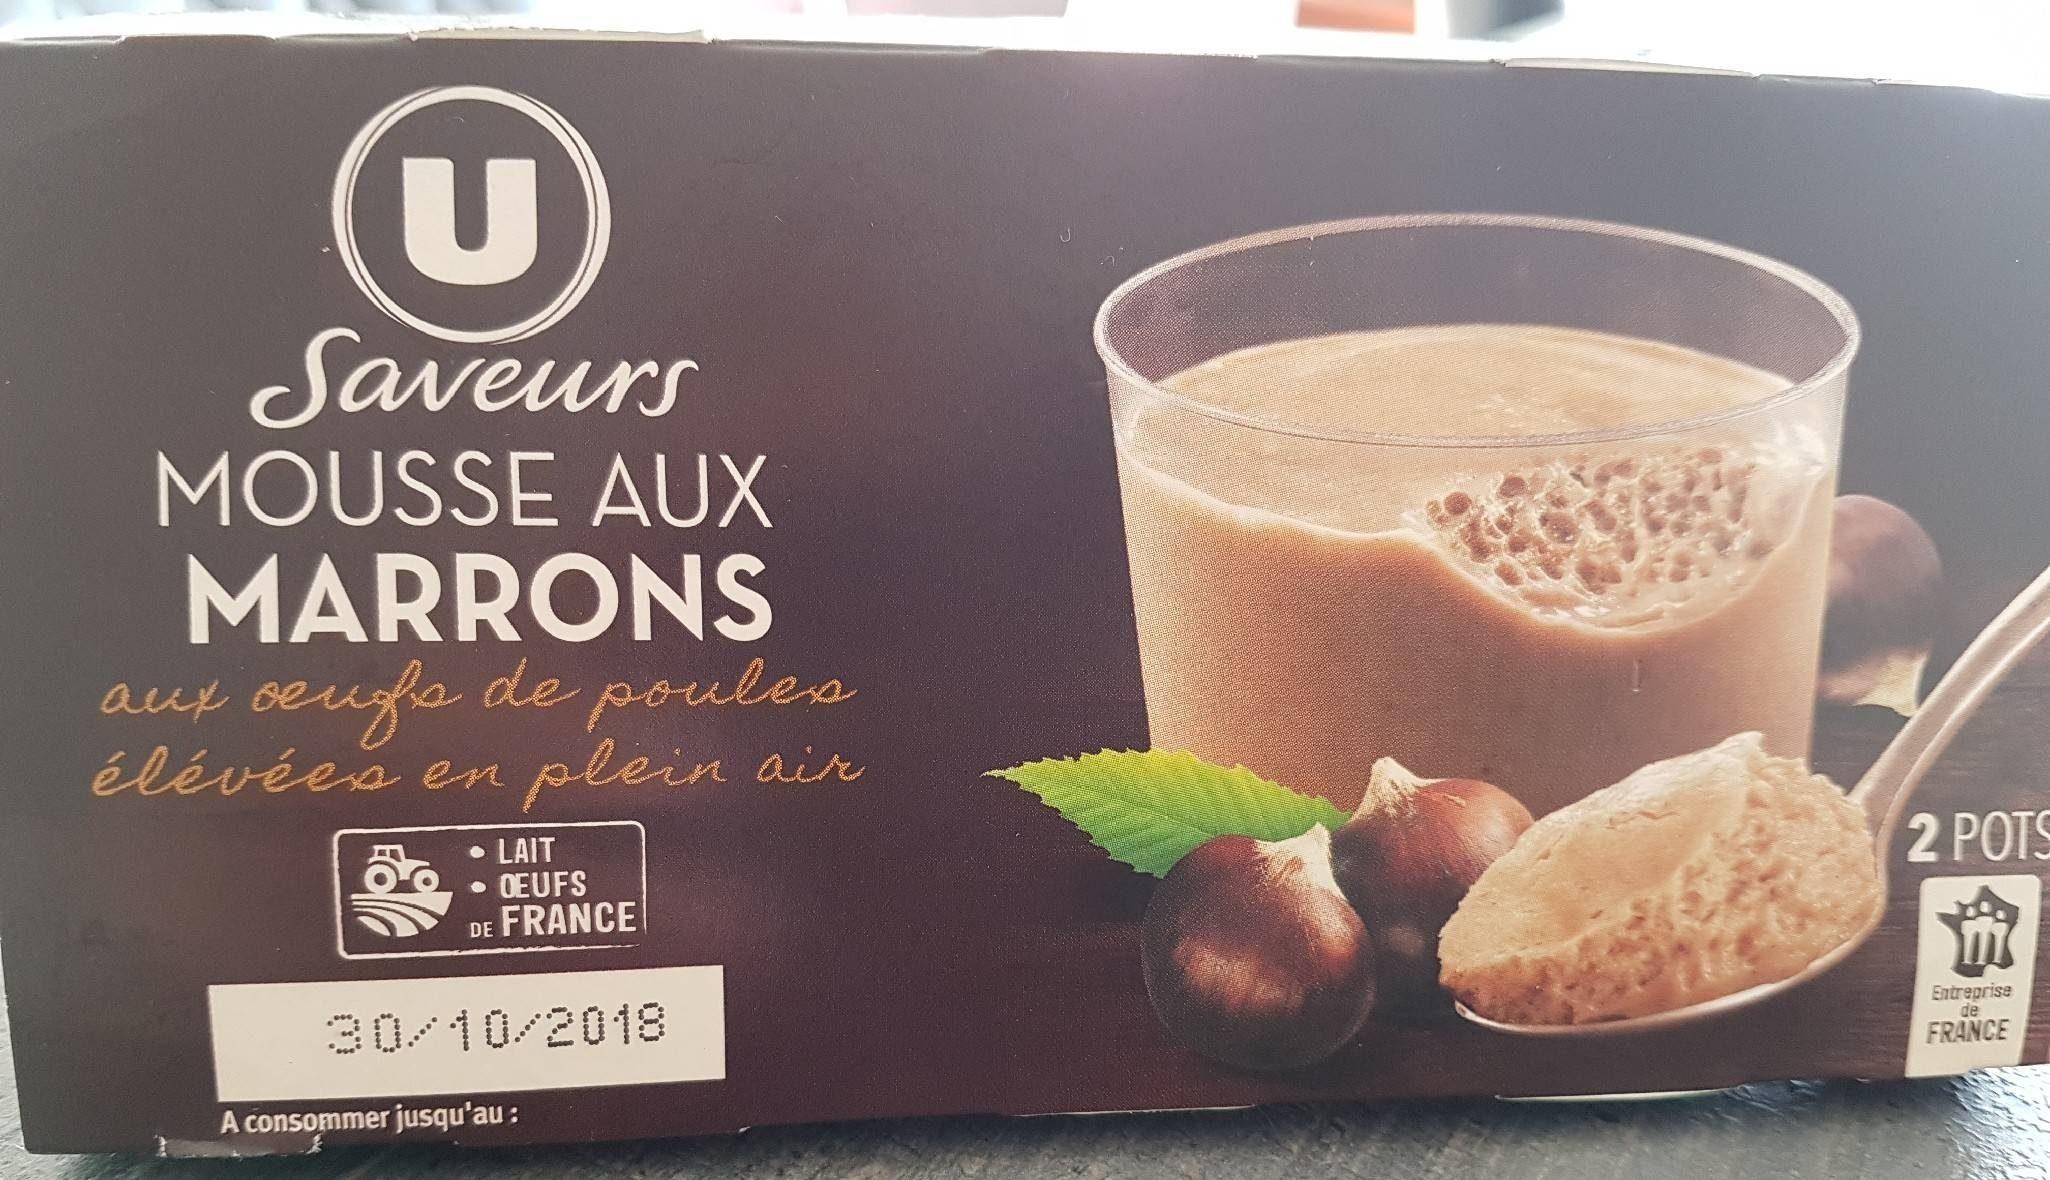 Mousse aux oeufs à la crème de marron vanillée - Product